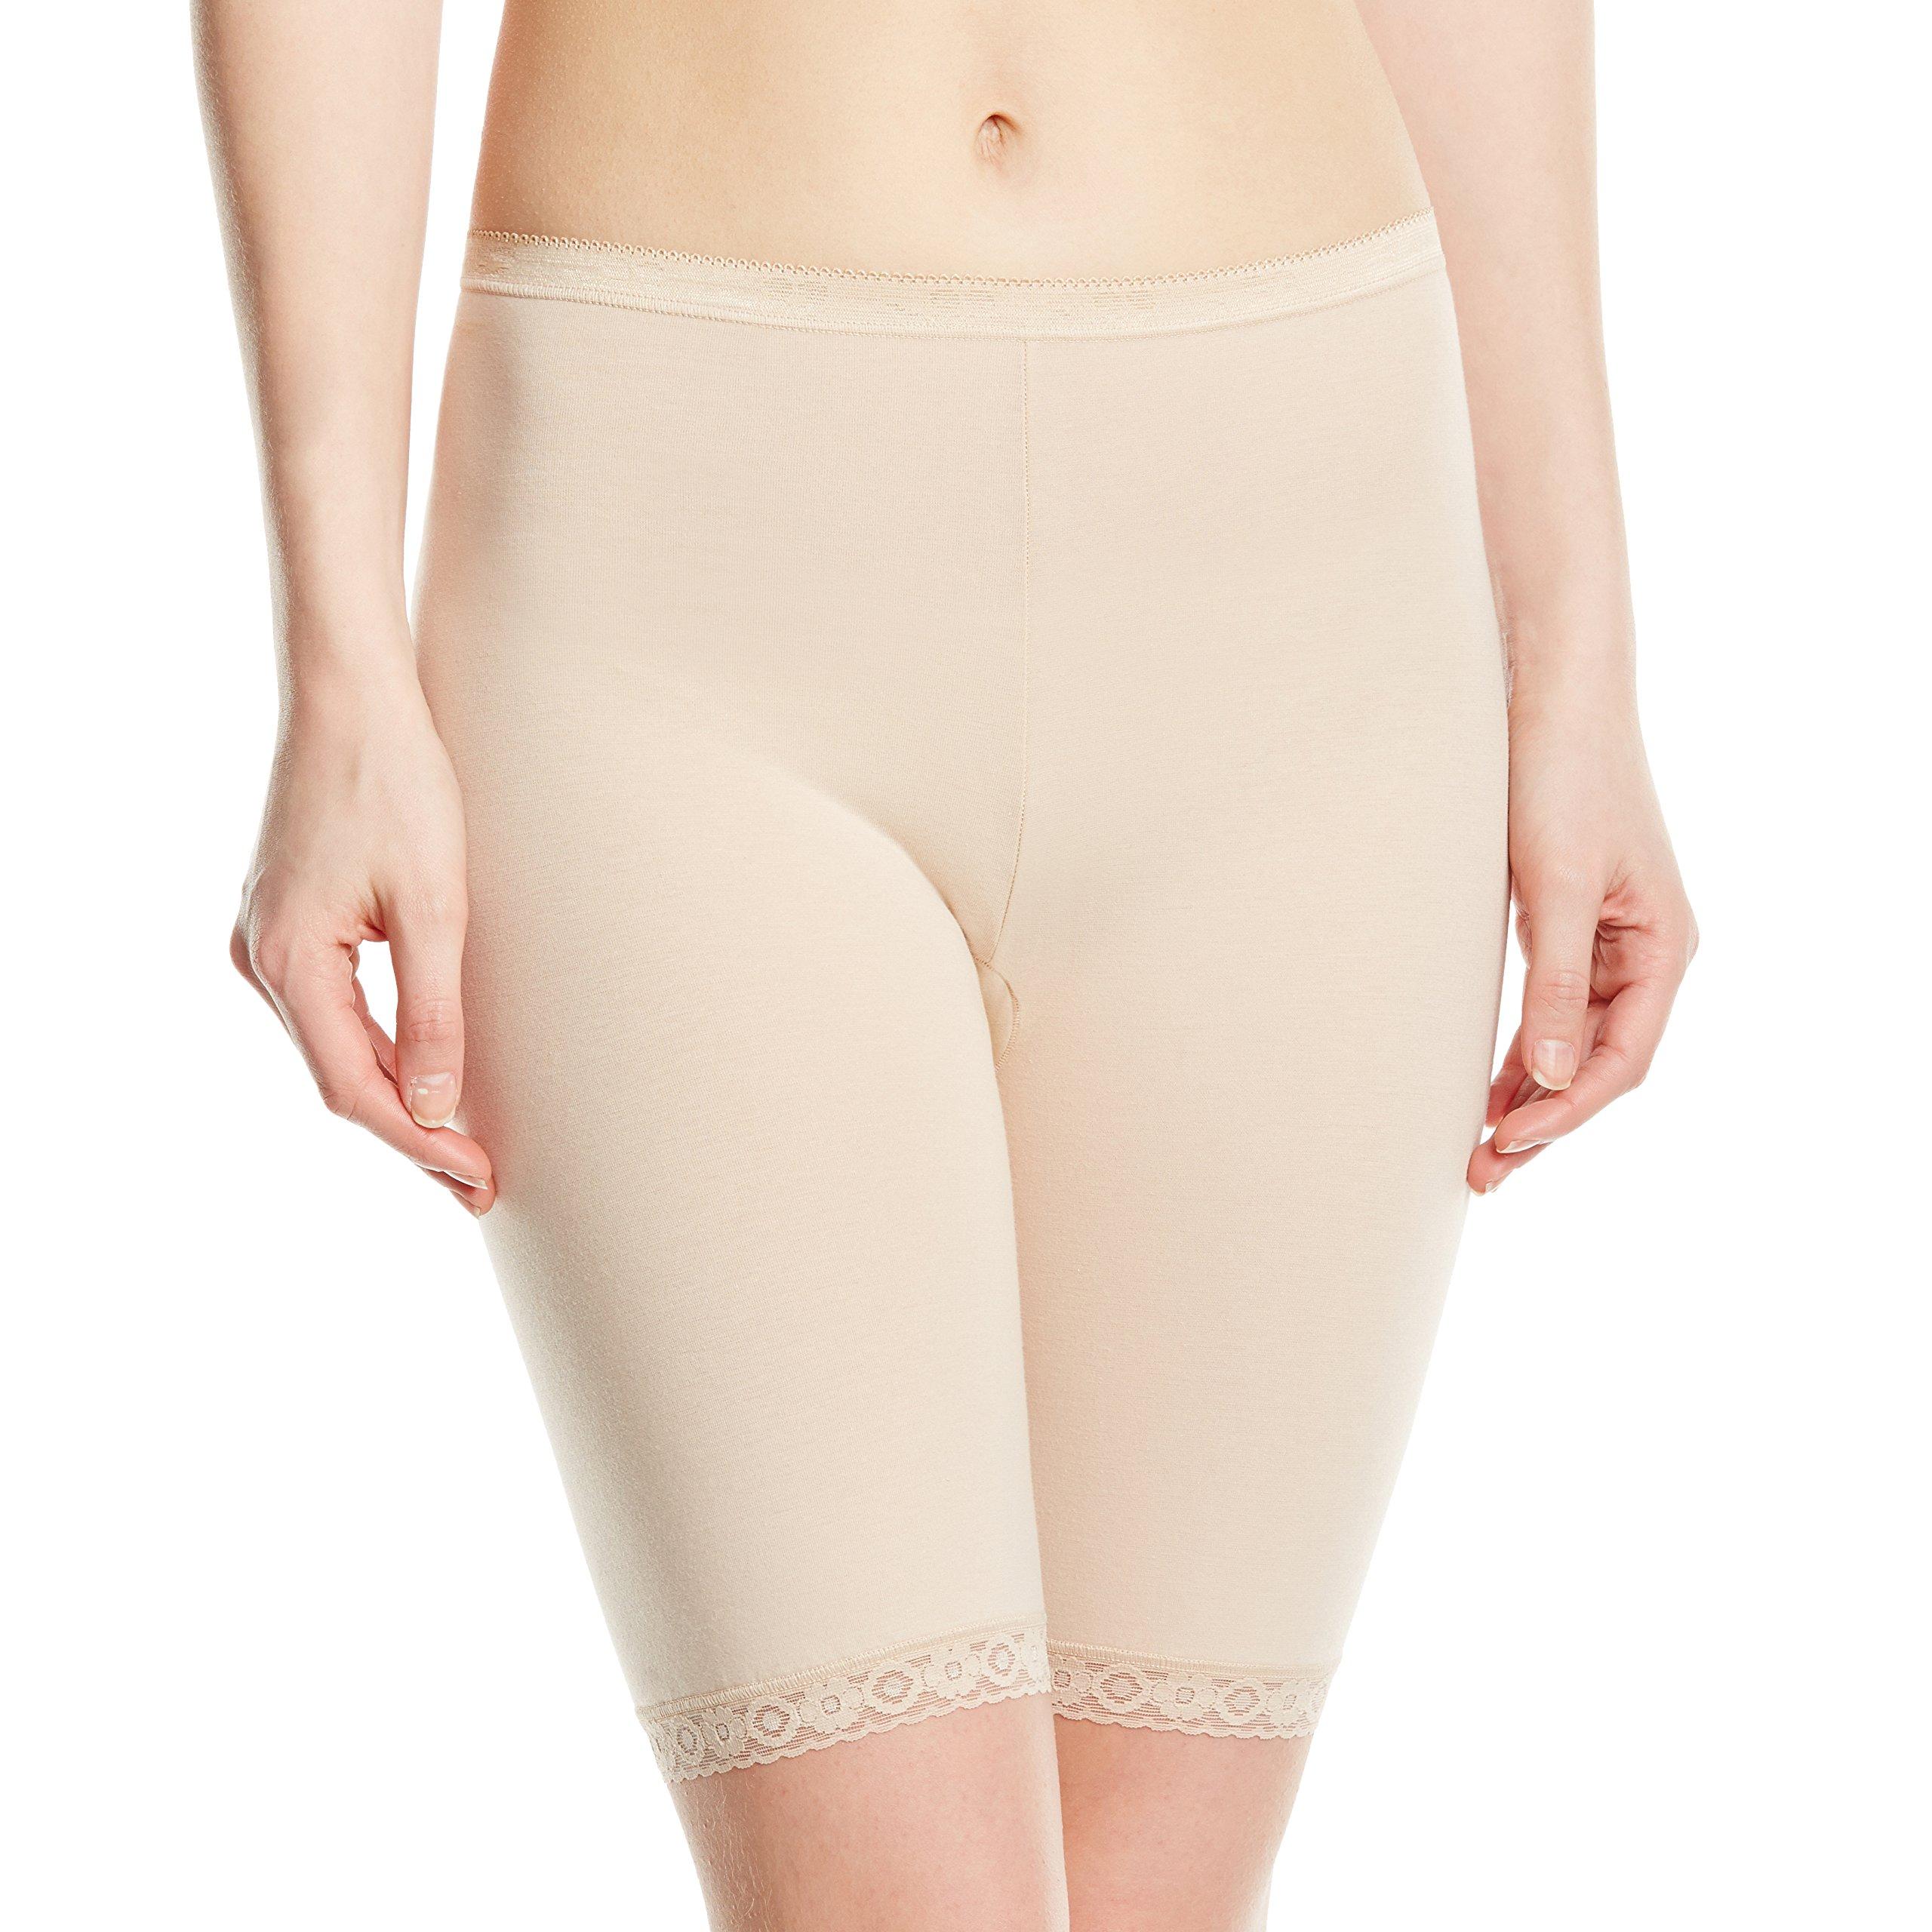 fd5e450e1b82 Mejor valorados en Bikinis y Braguitas para mujer & Opiniones útiles ...